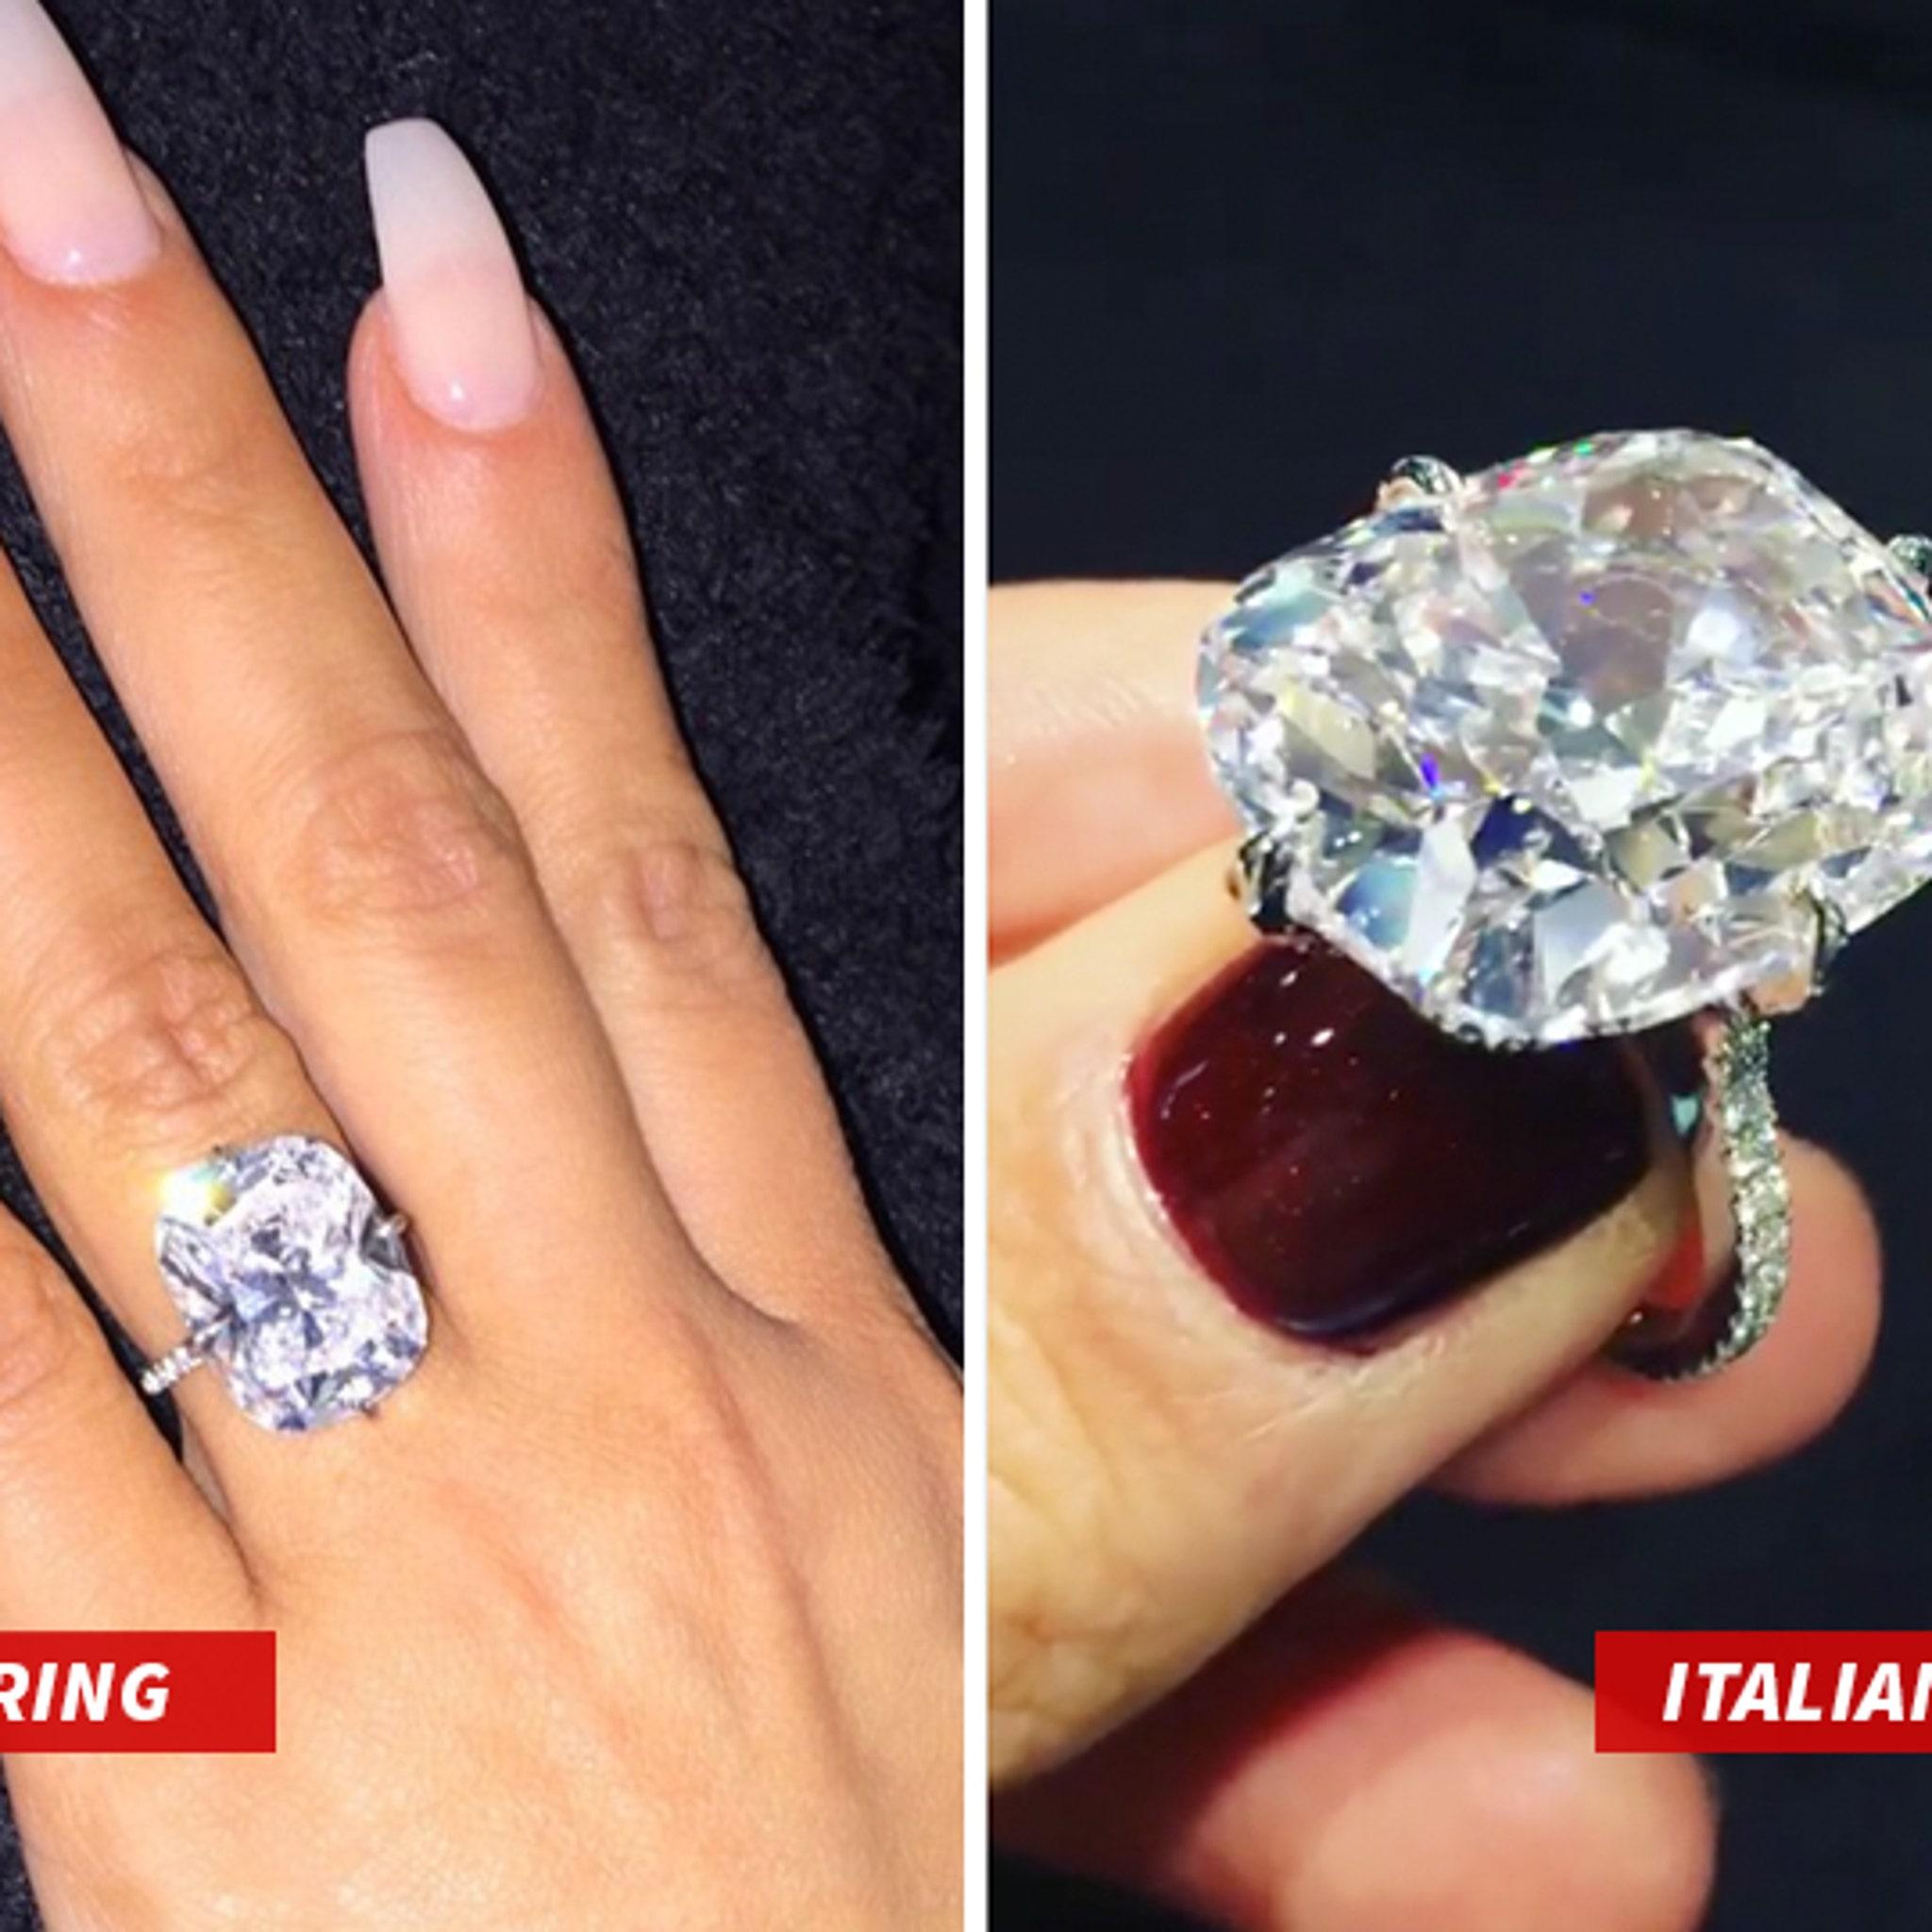 Kim Kardashian West S Stolen Ring Not So Unique